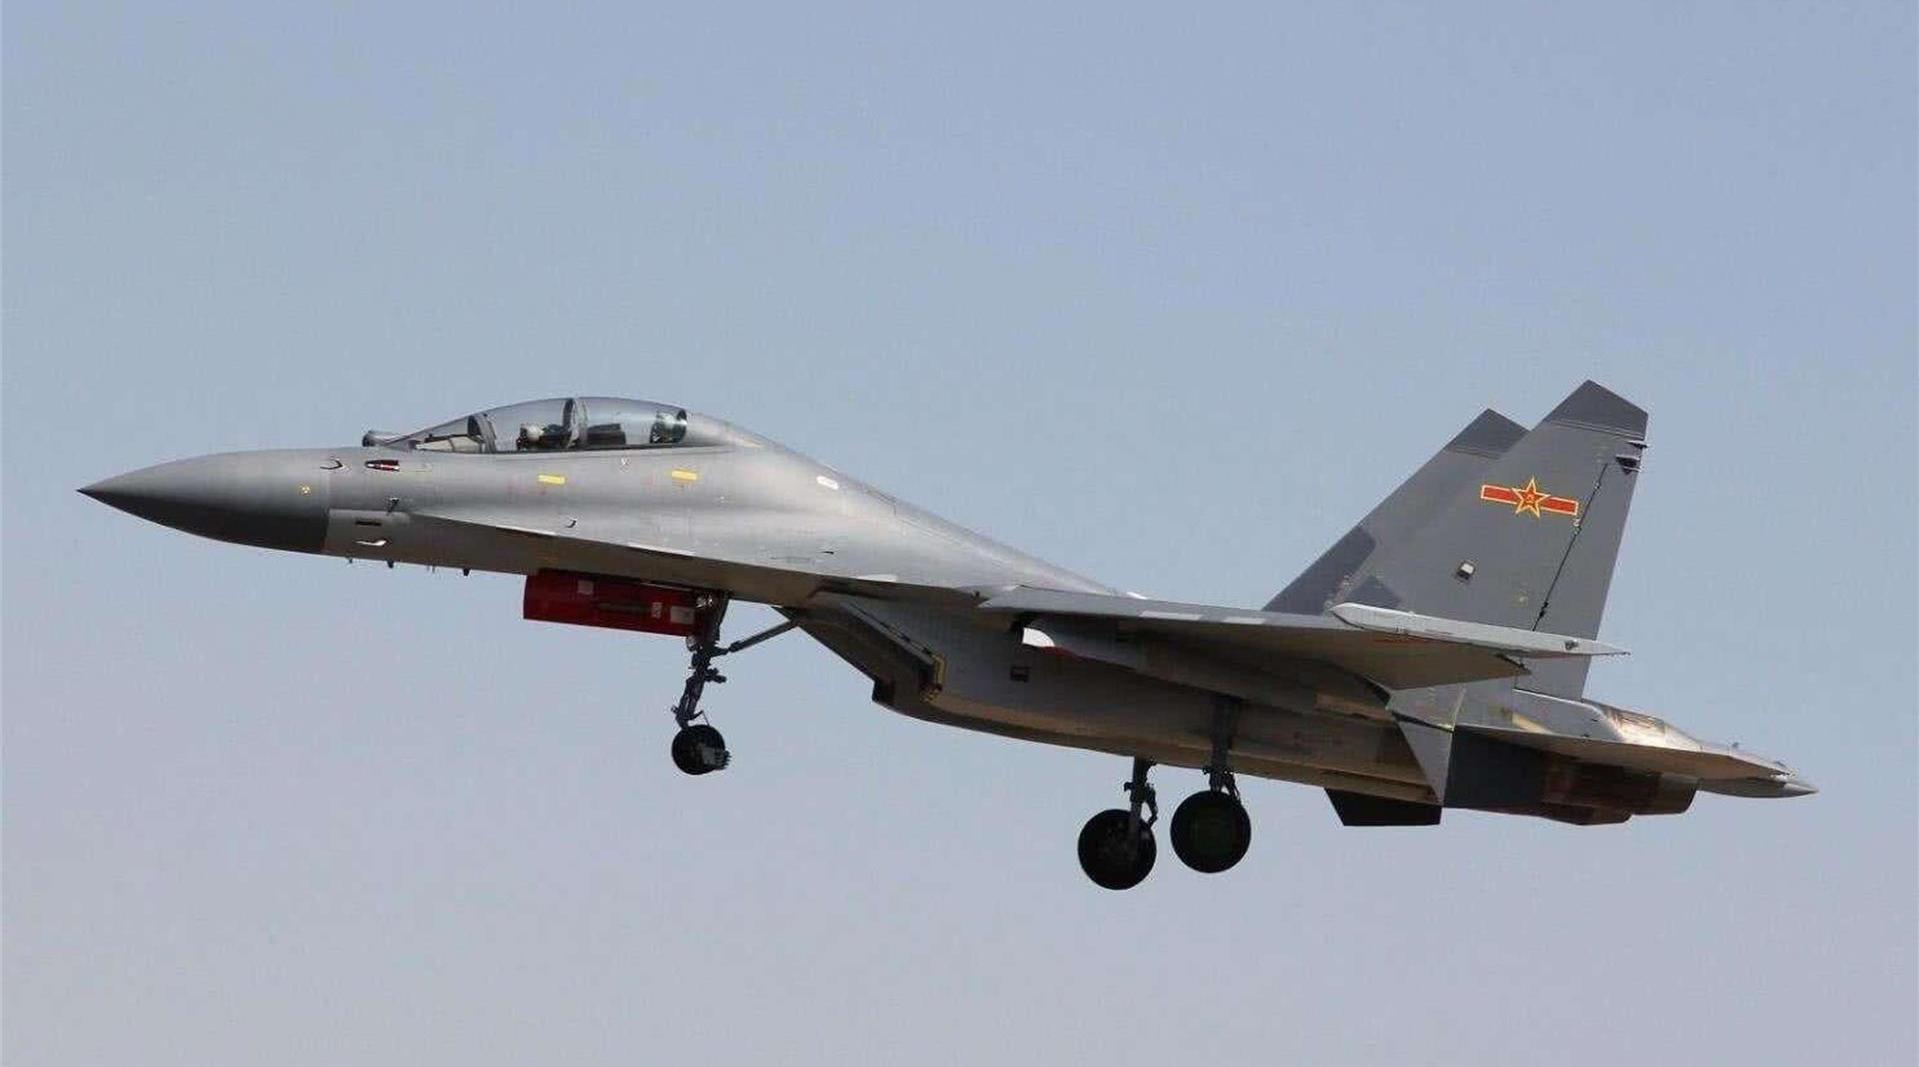 连俄罗斯都承认了,中国歼16赶超苏27家族,除了5代机罕有敌手